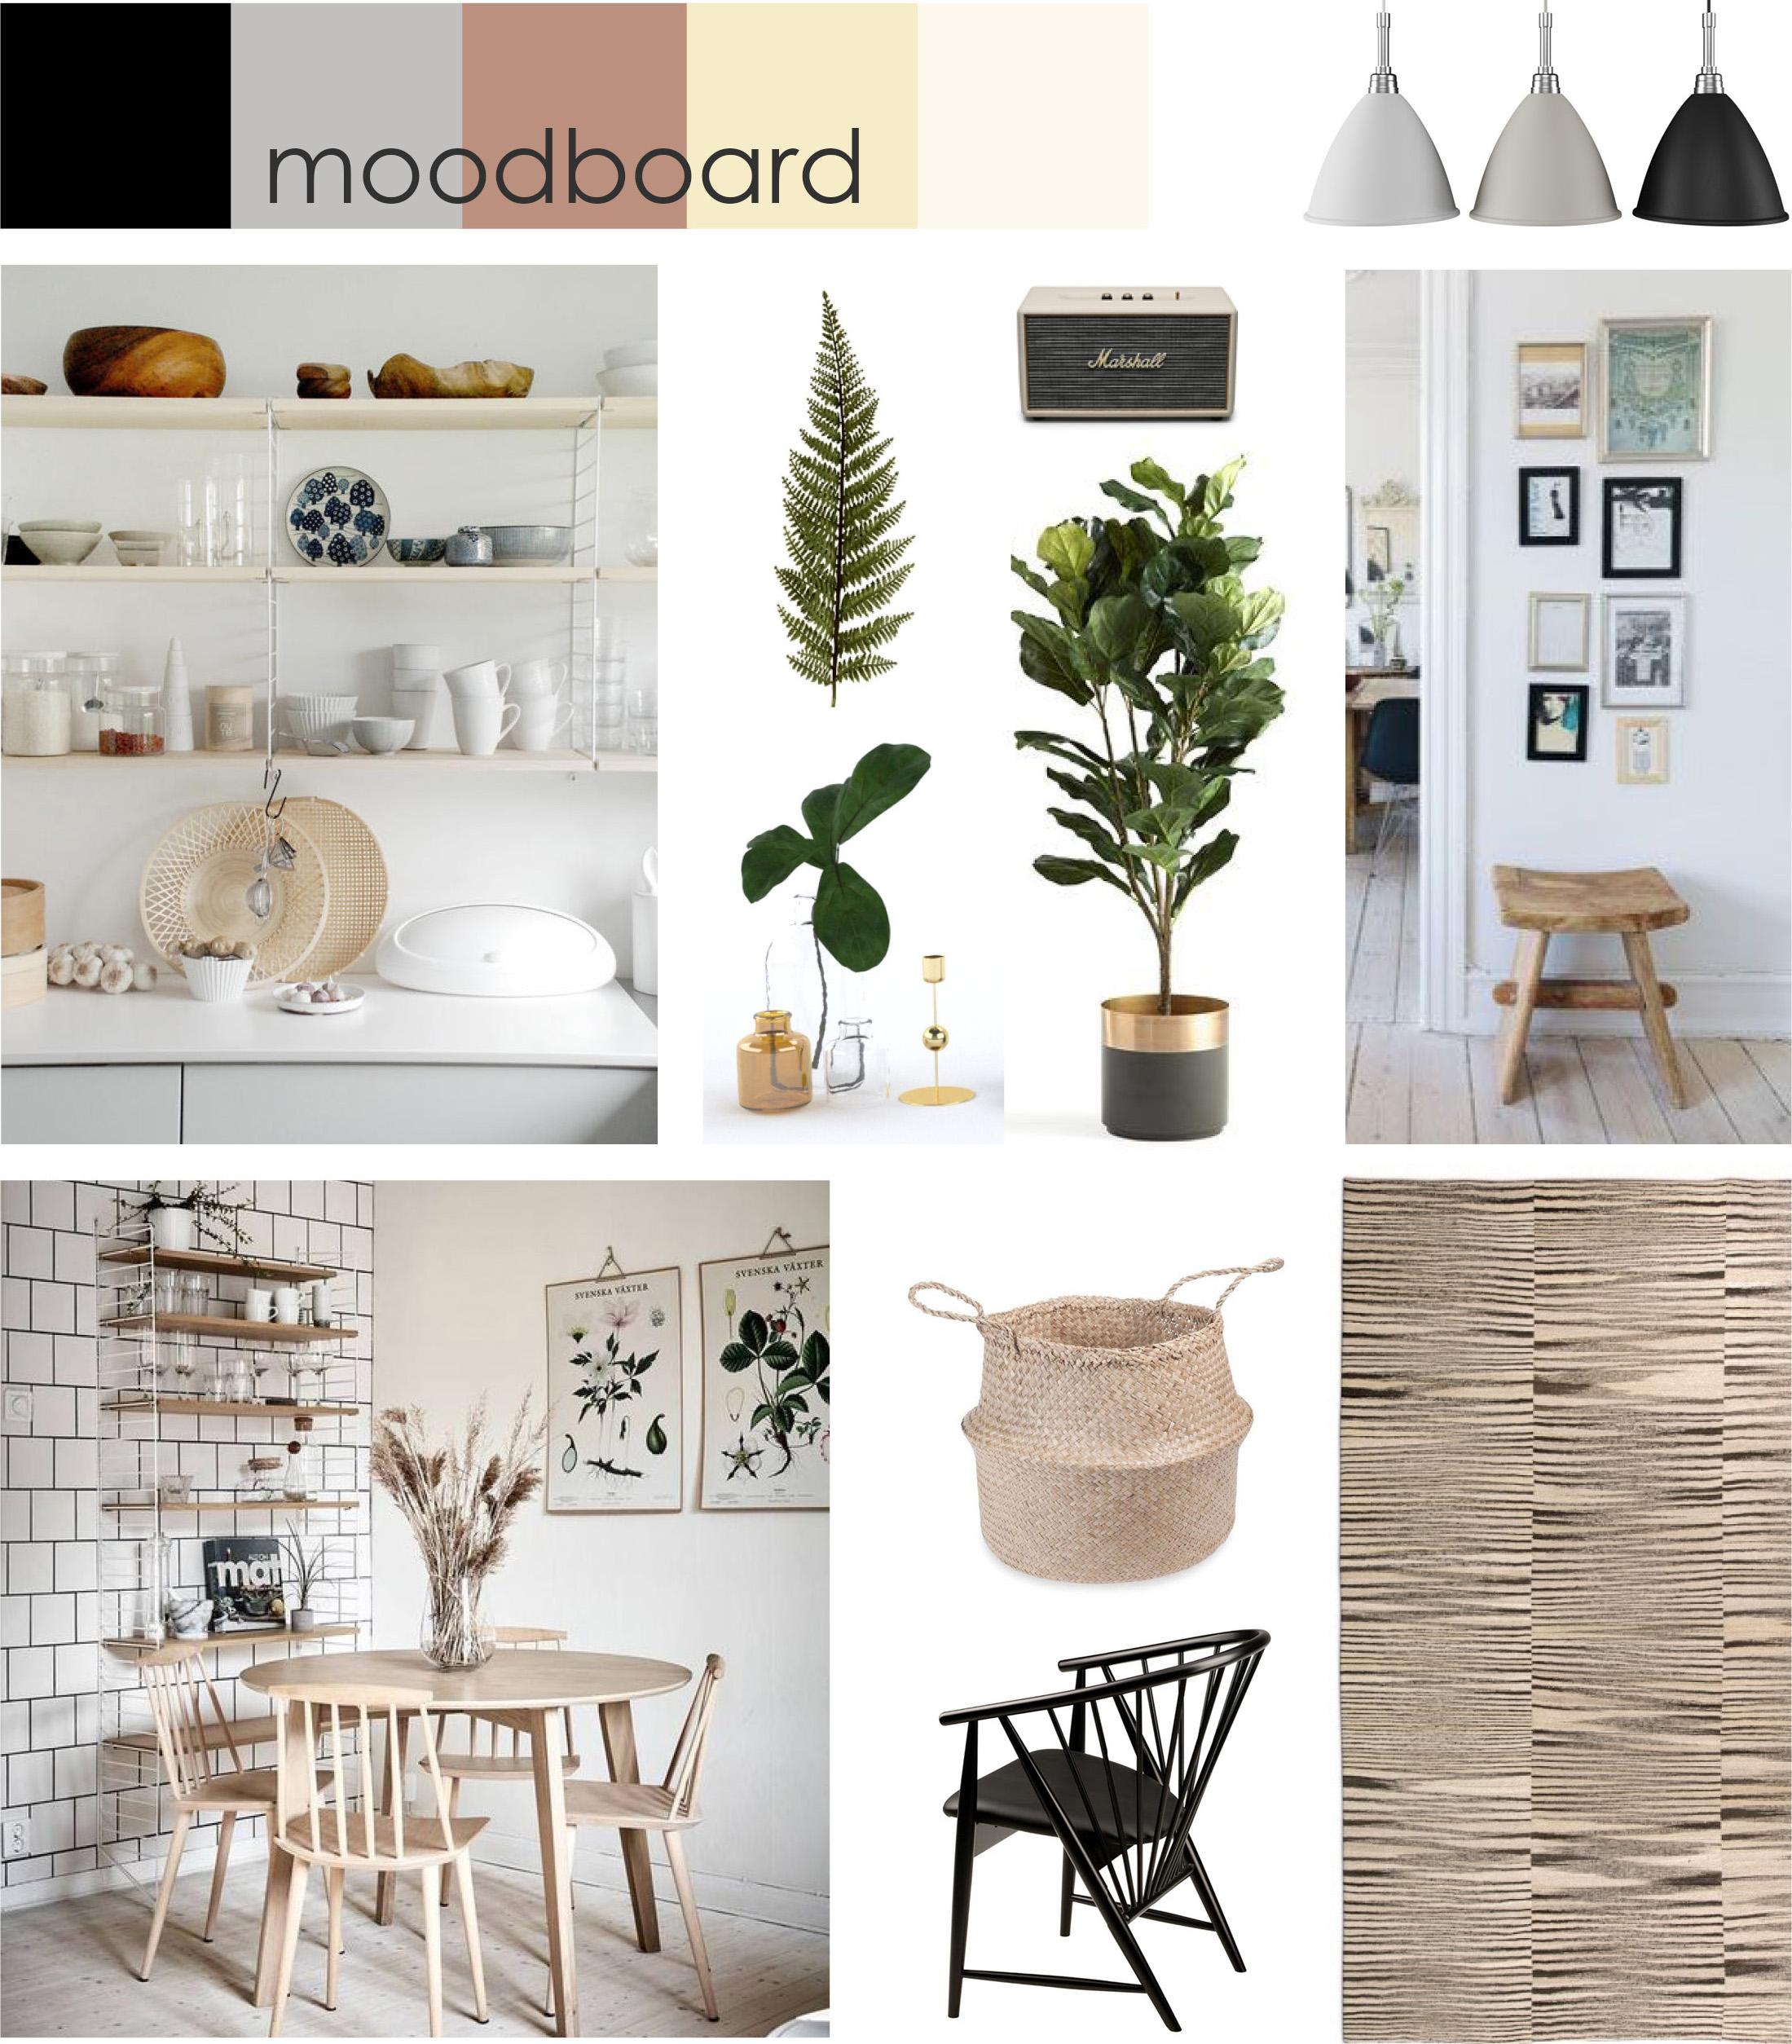 Moodboard_webben_5.jpg